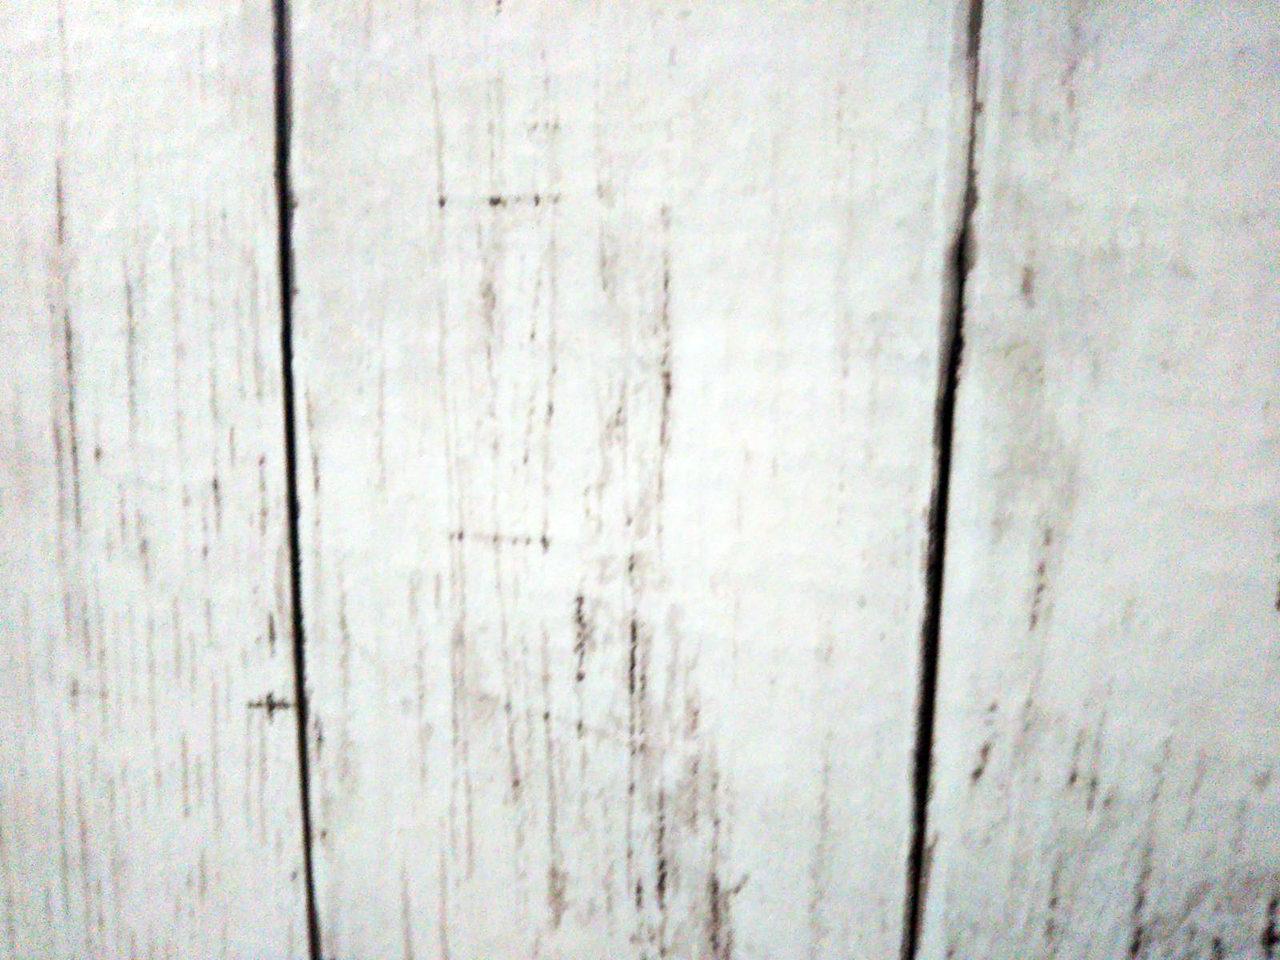 壁紙の張り替えに女1人で挑戦 ダイソー 壁紙屋本舗など600円以下3品で比較 ぎゅってweb